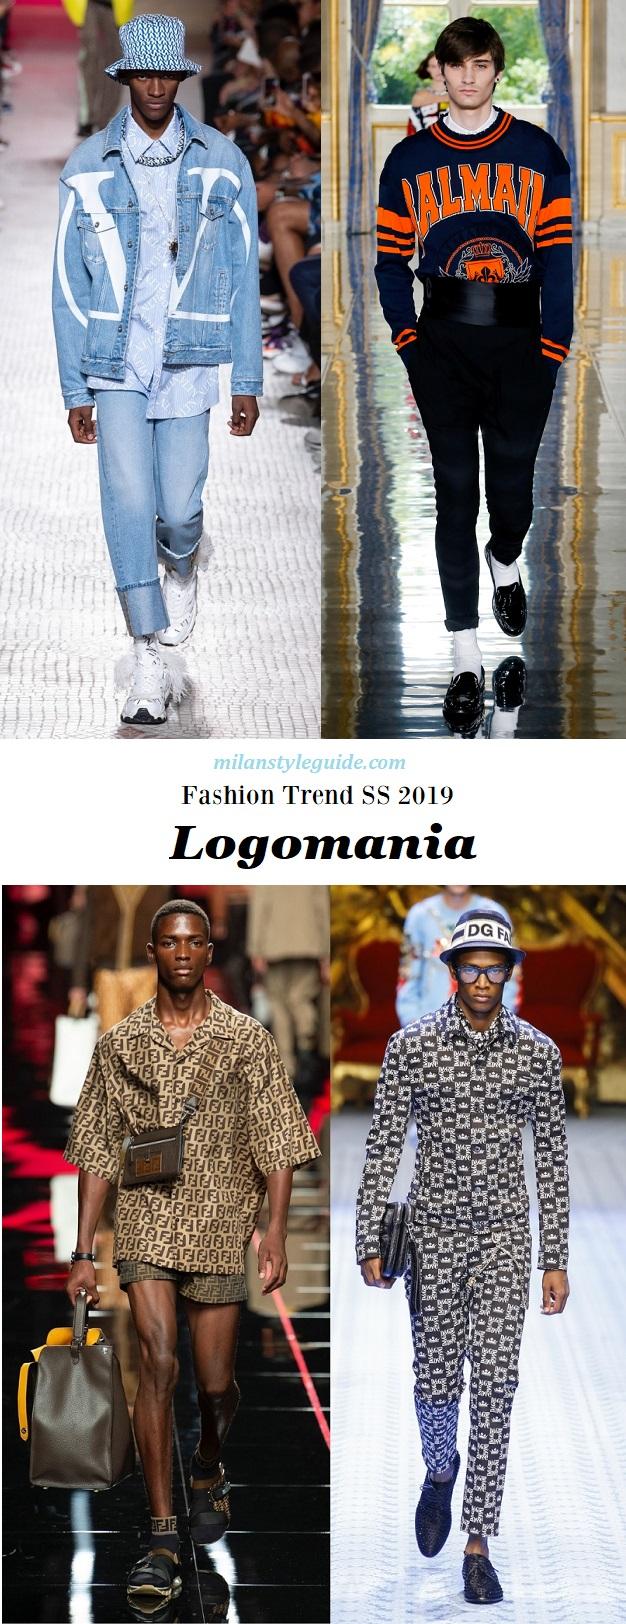 2019 год - Графичный принт или принт графика - что модно в 2019 году